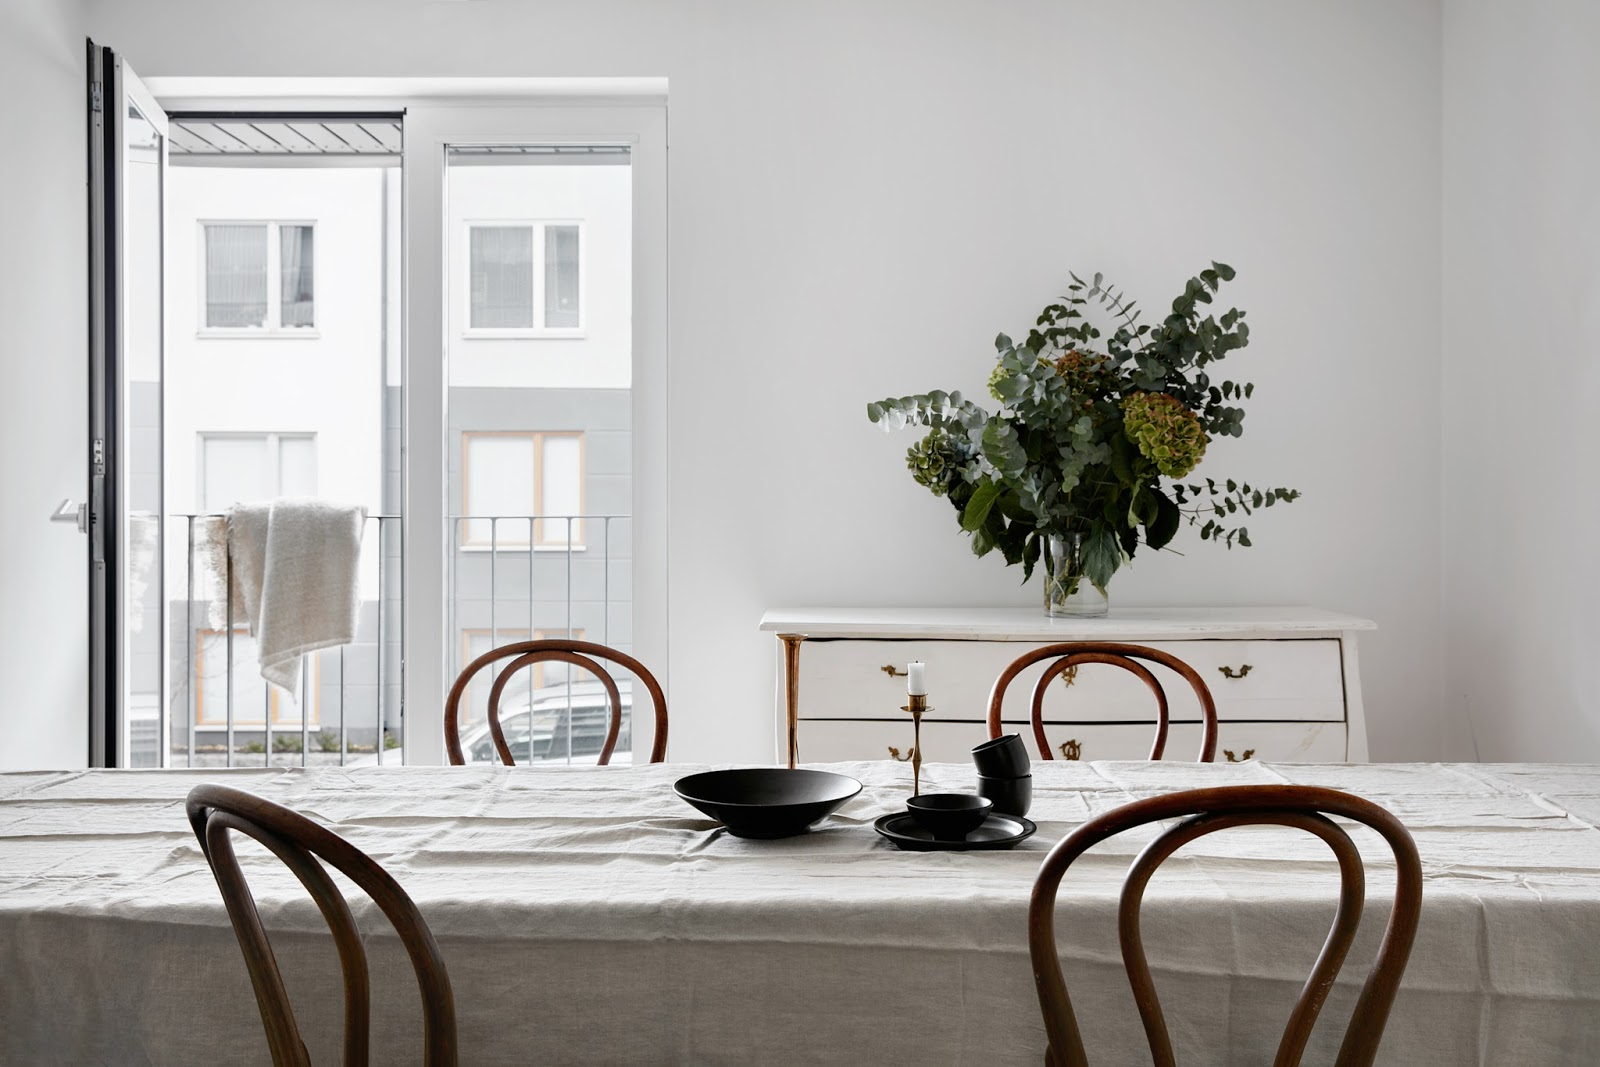 By svedin: ett kök i svart, marmor och mässing